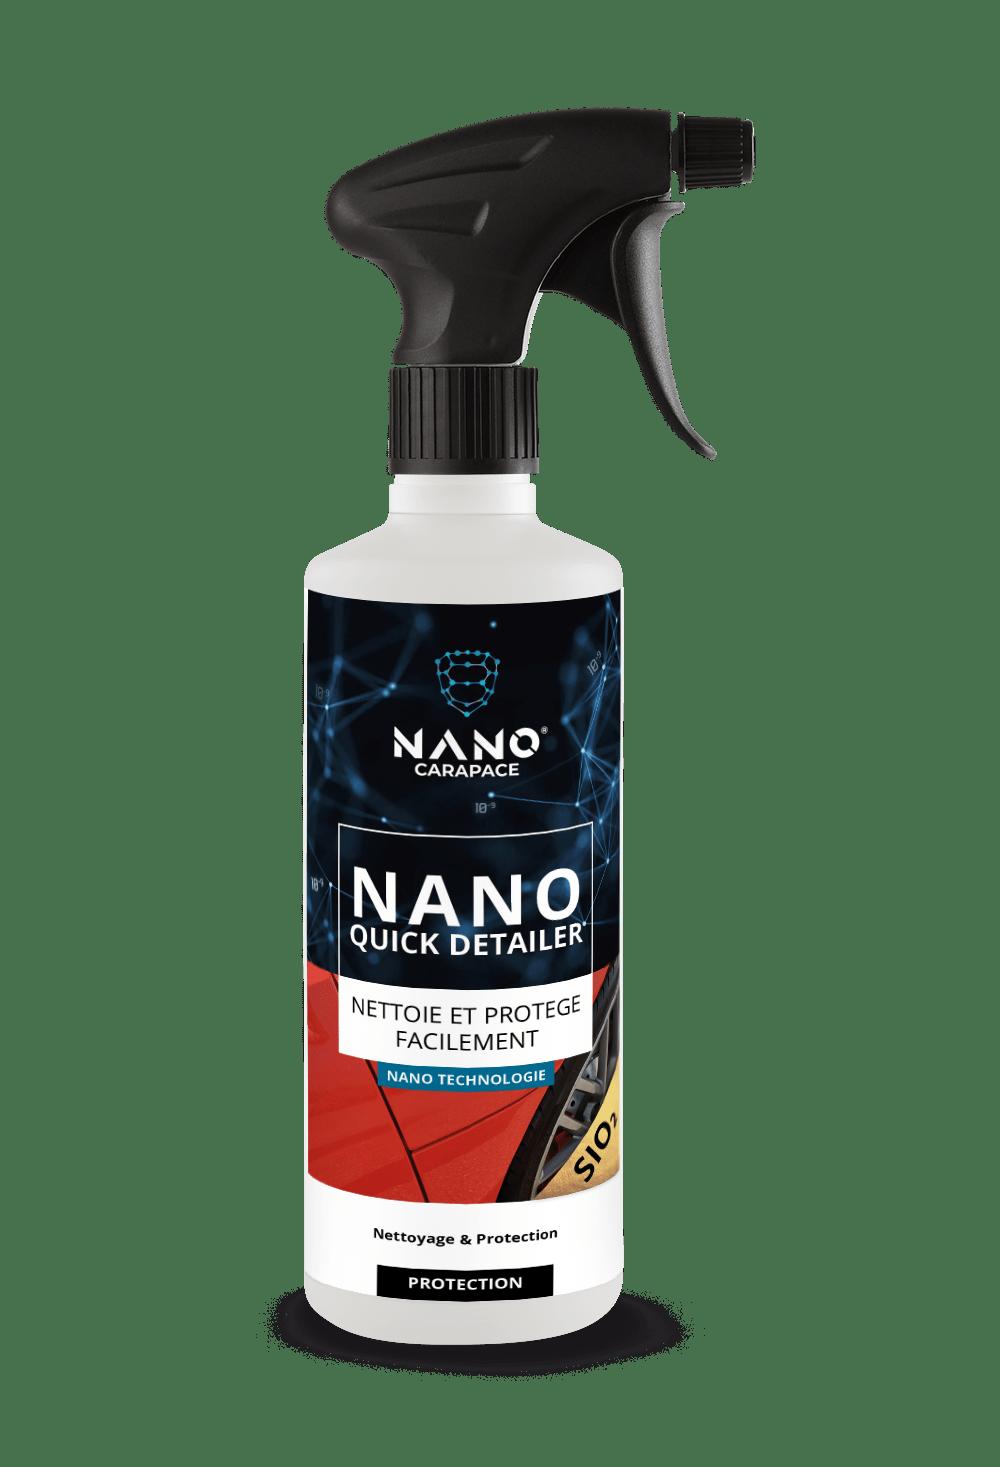 Nano Quick detailer - Nettoie et Protège